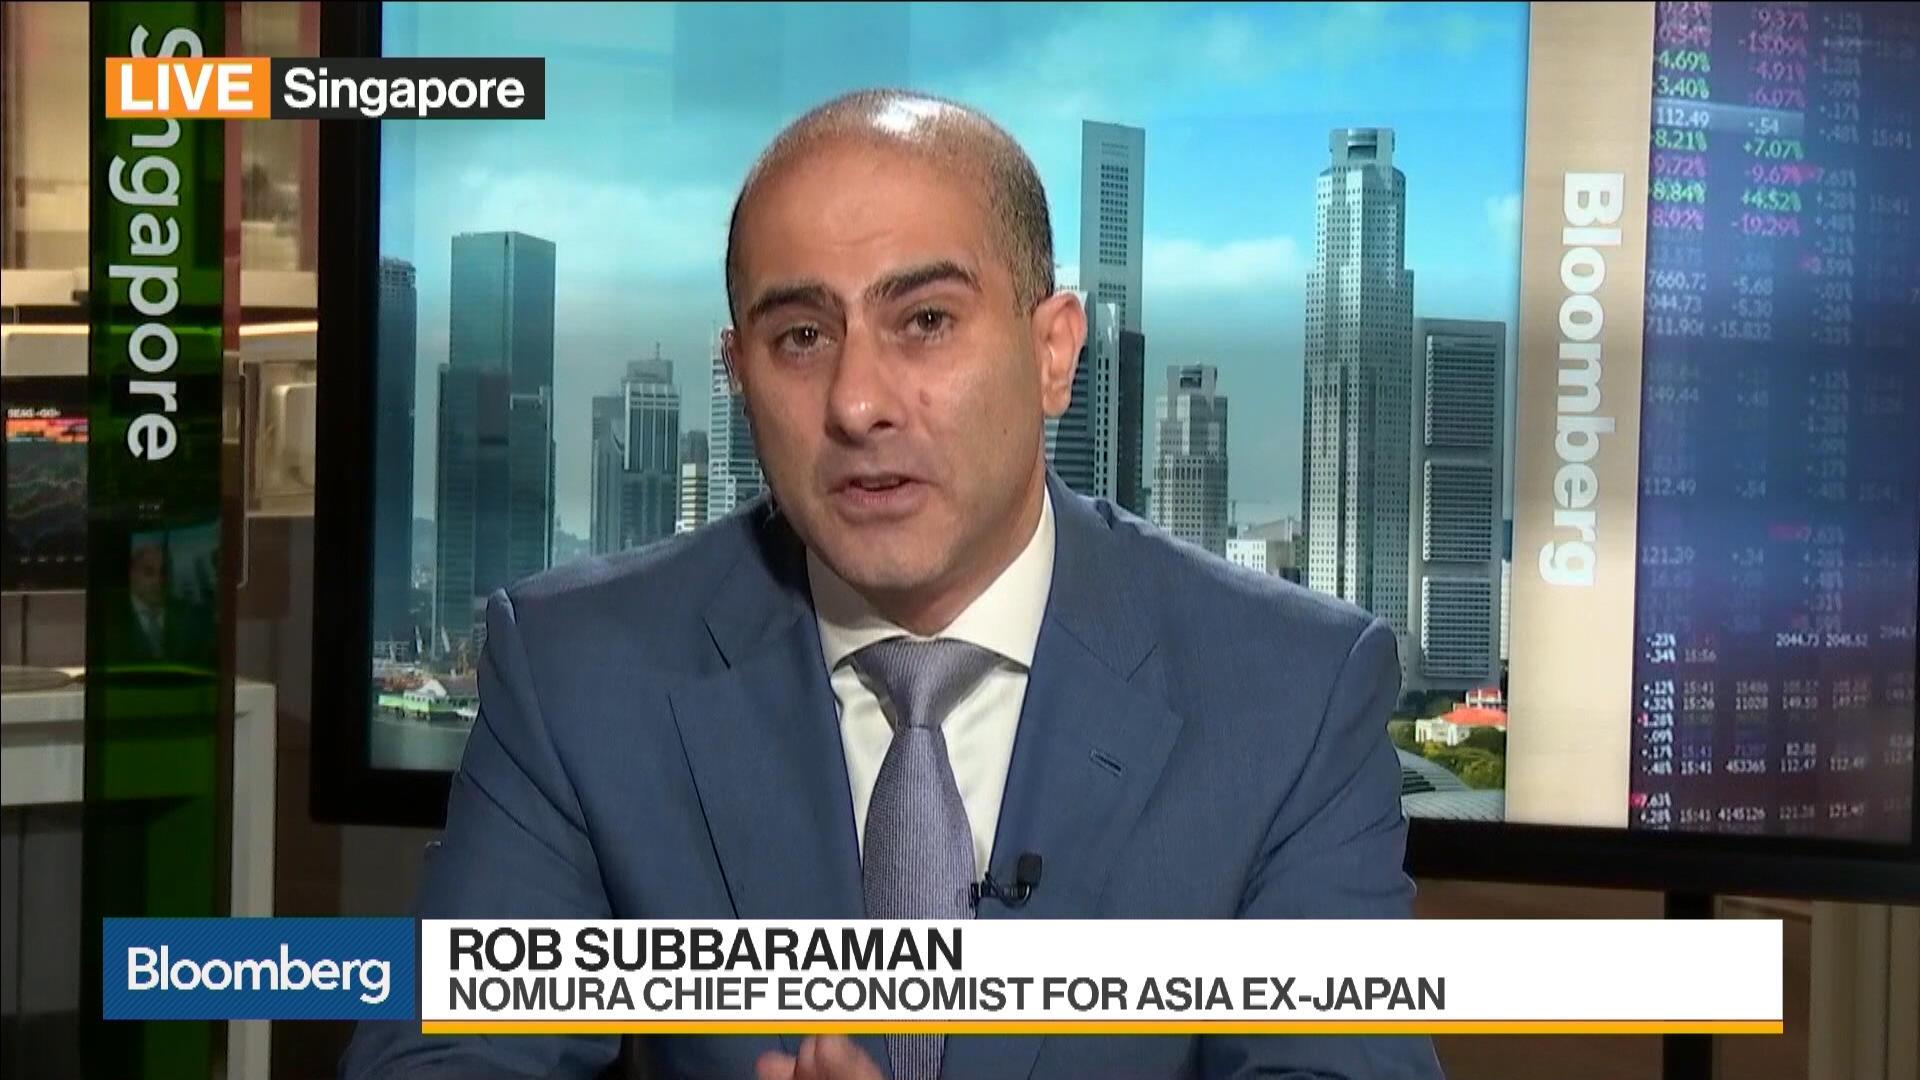 Nhà kinh tế trưởng Nomura: 5 đến 10 năm nữa châu Á sẽ không còn cần Mỹ